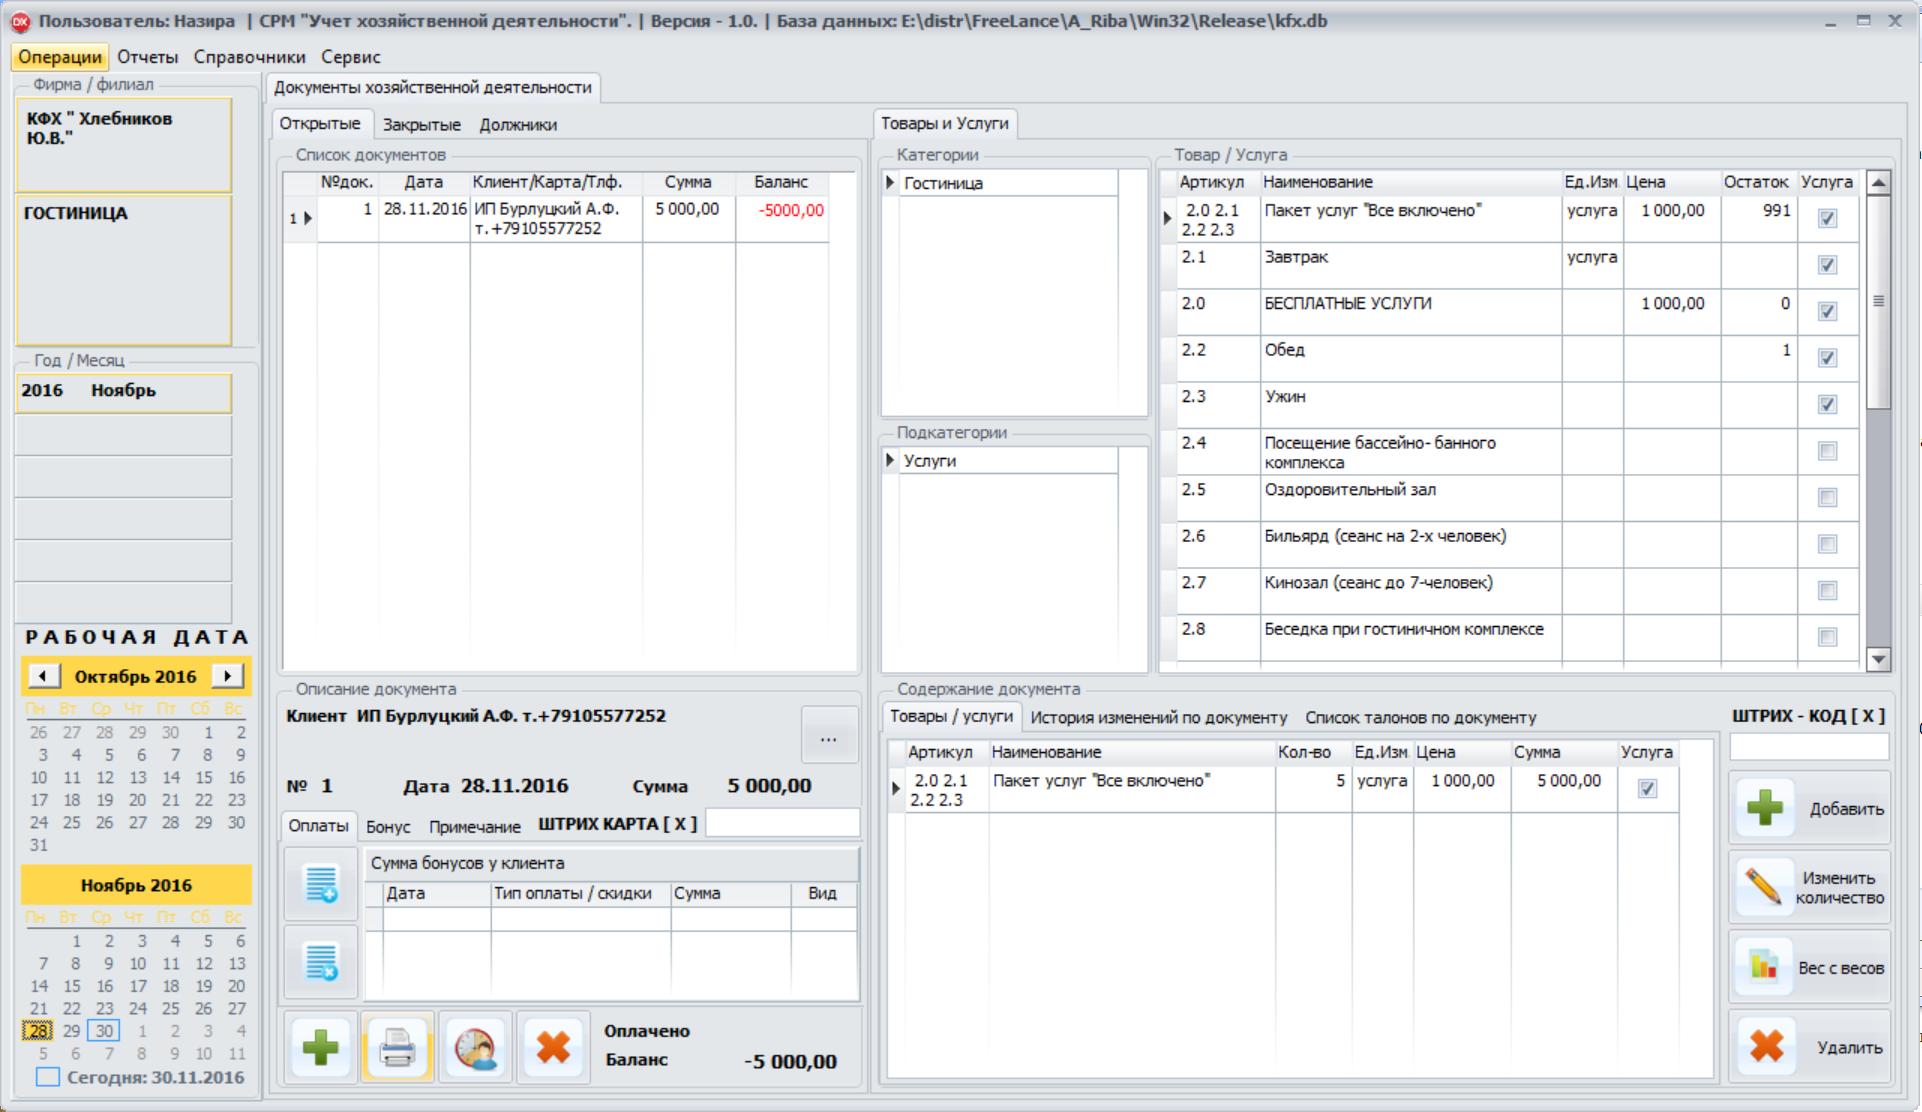 Формирование отчетов для гостиничного комплекса с системой лояльности клиентов(начисление бонусов на карту клиентов)